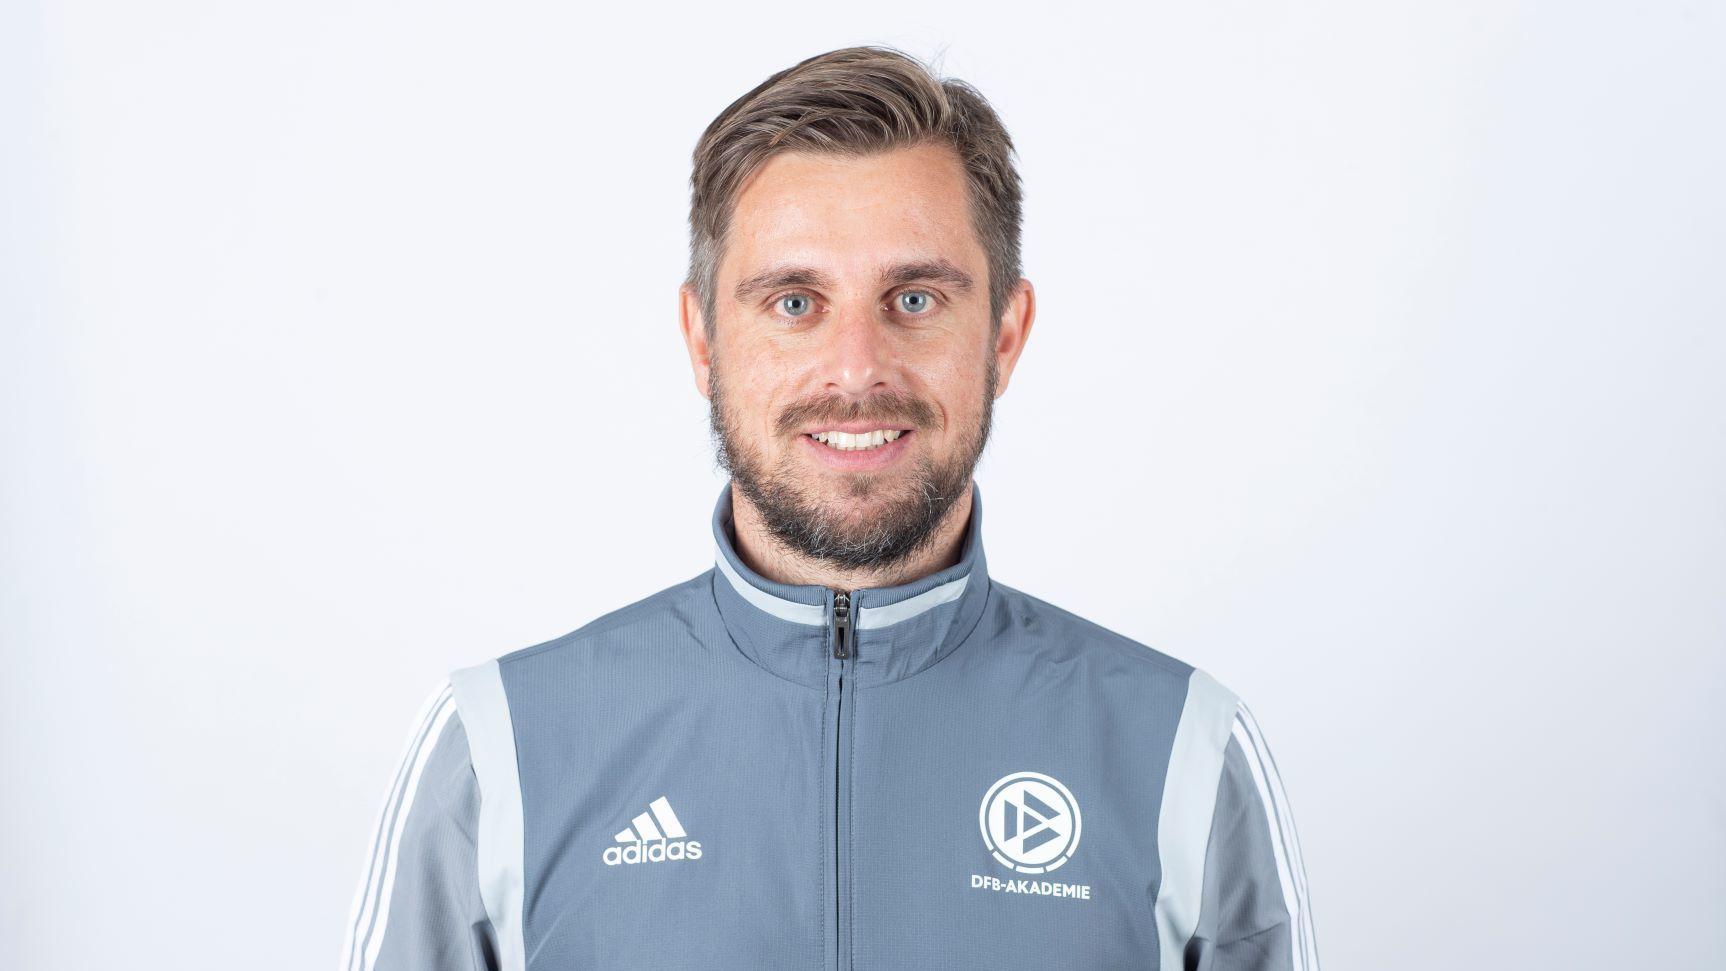 Sebastian Bönig